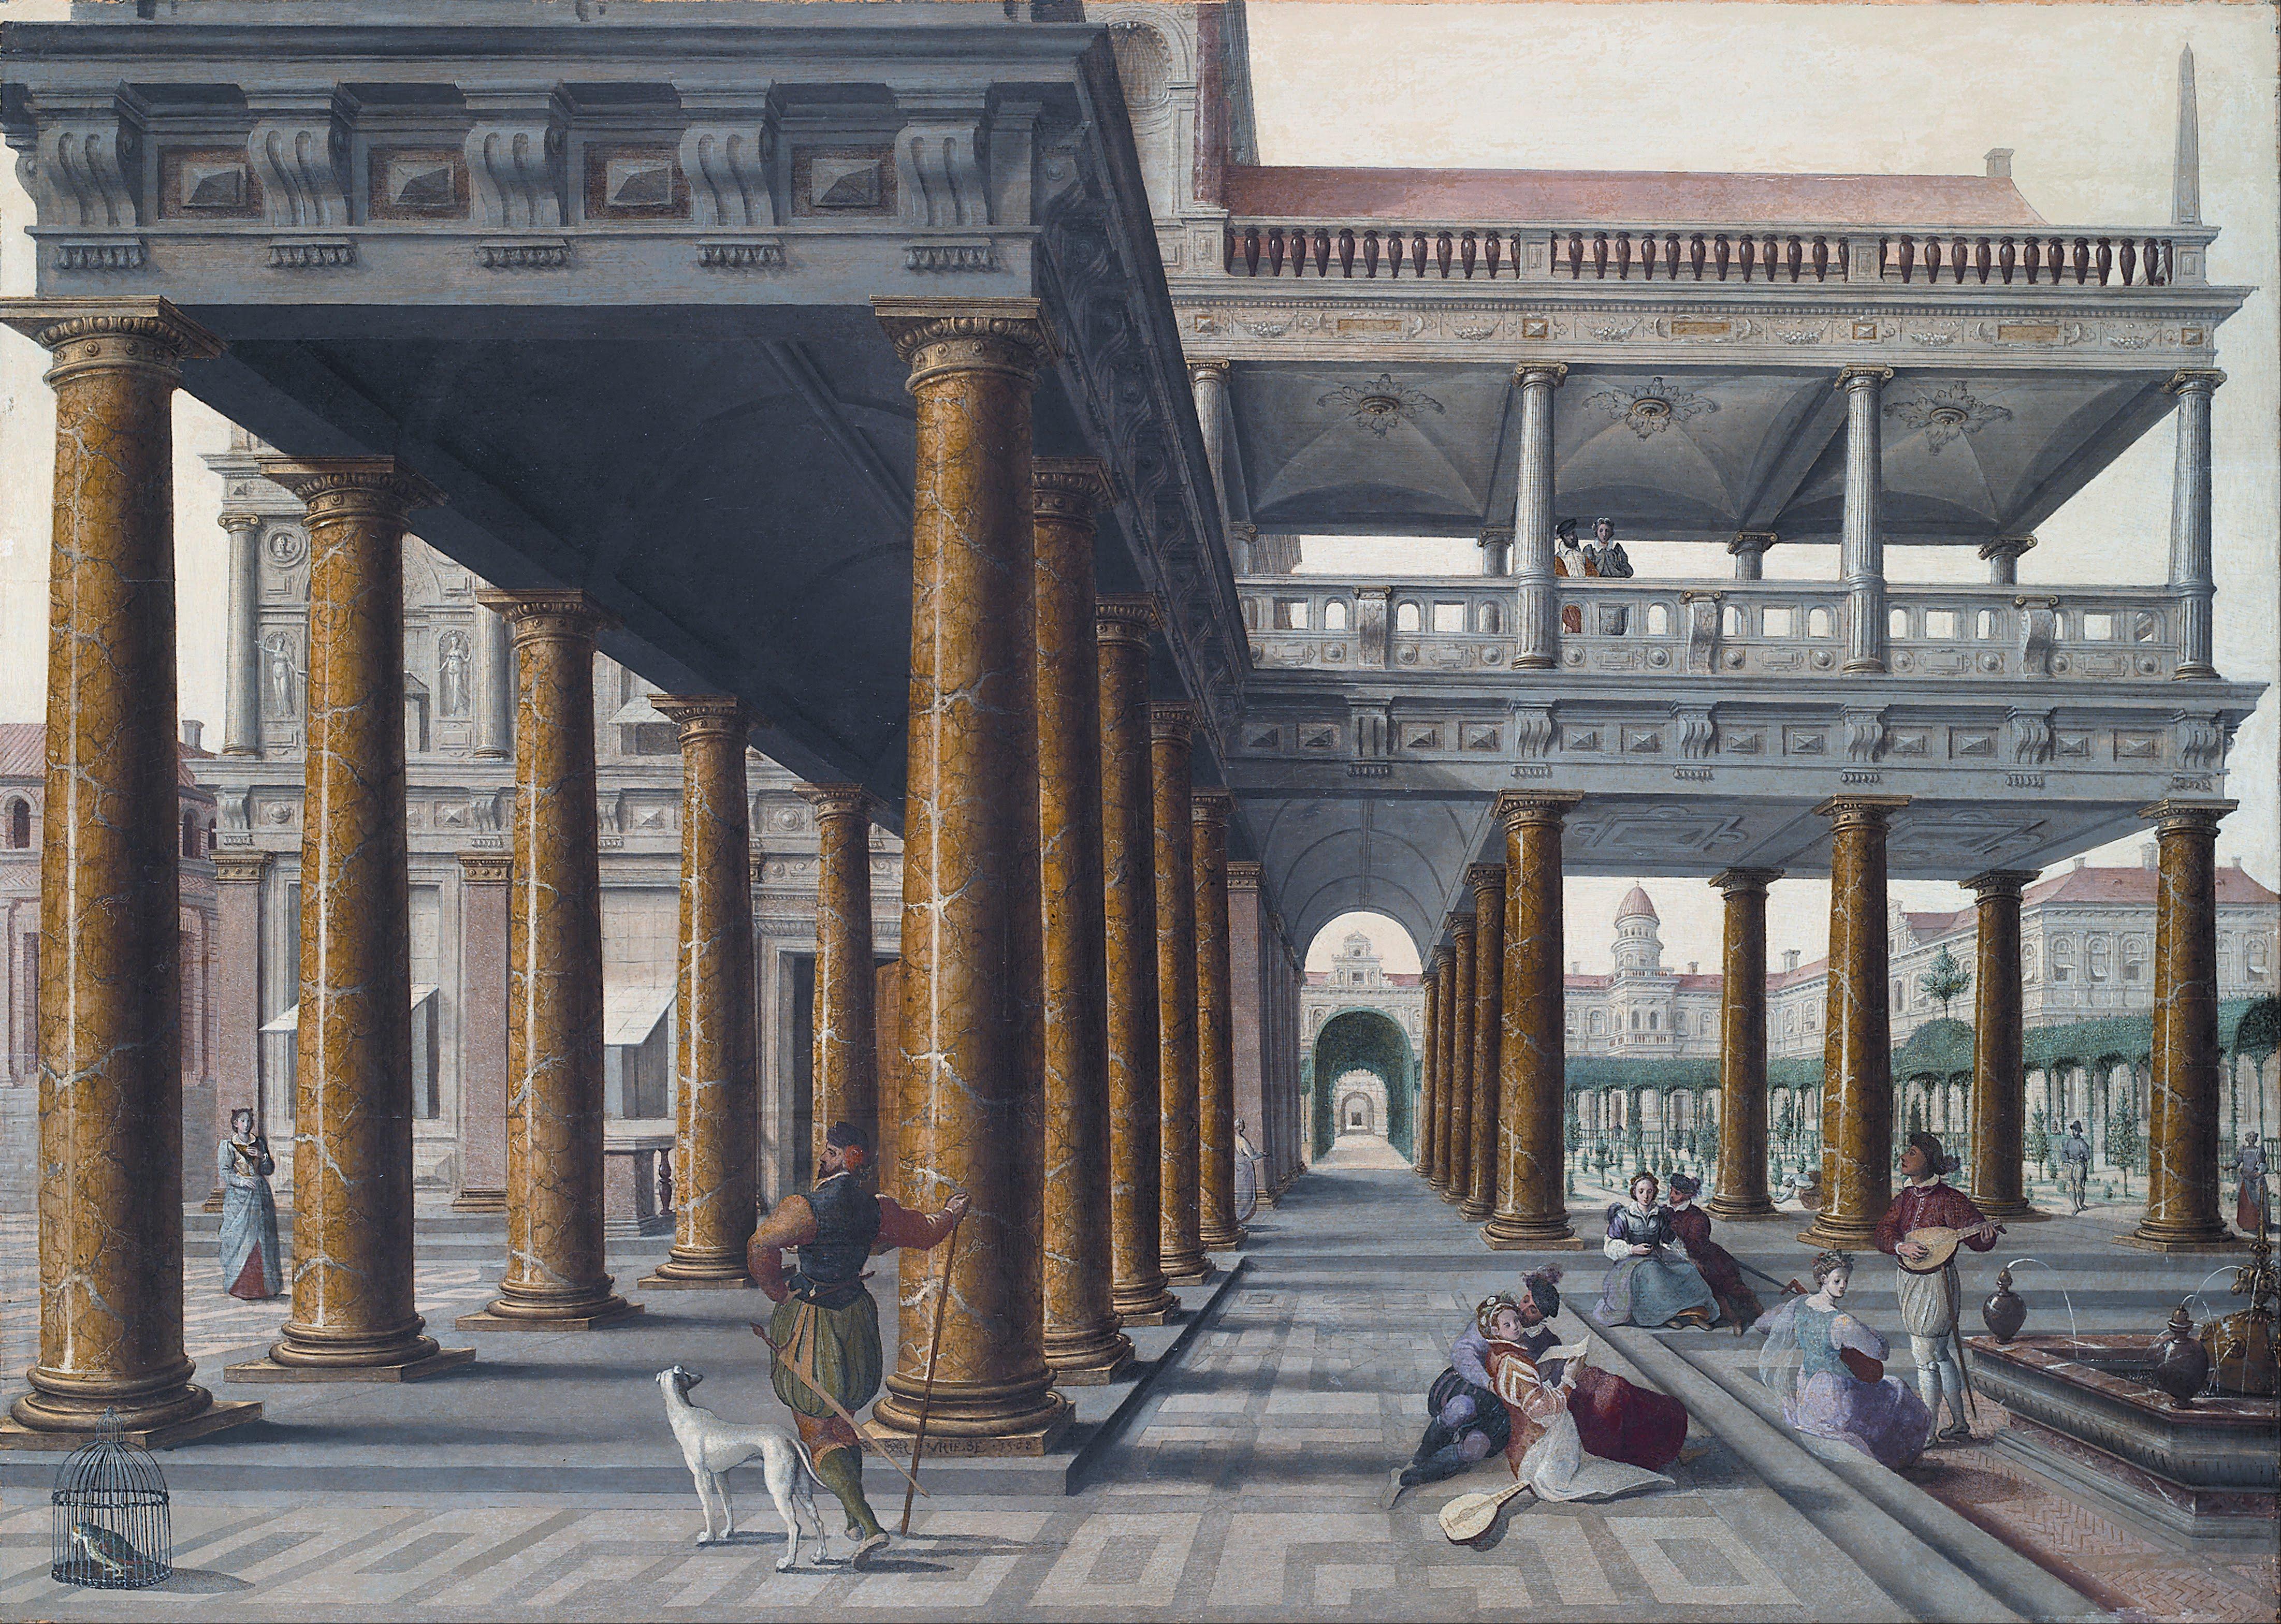 Giorgio Corradini - Ricordi D'Italia (Memories Of Italy)